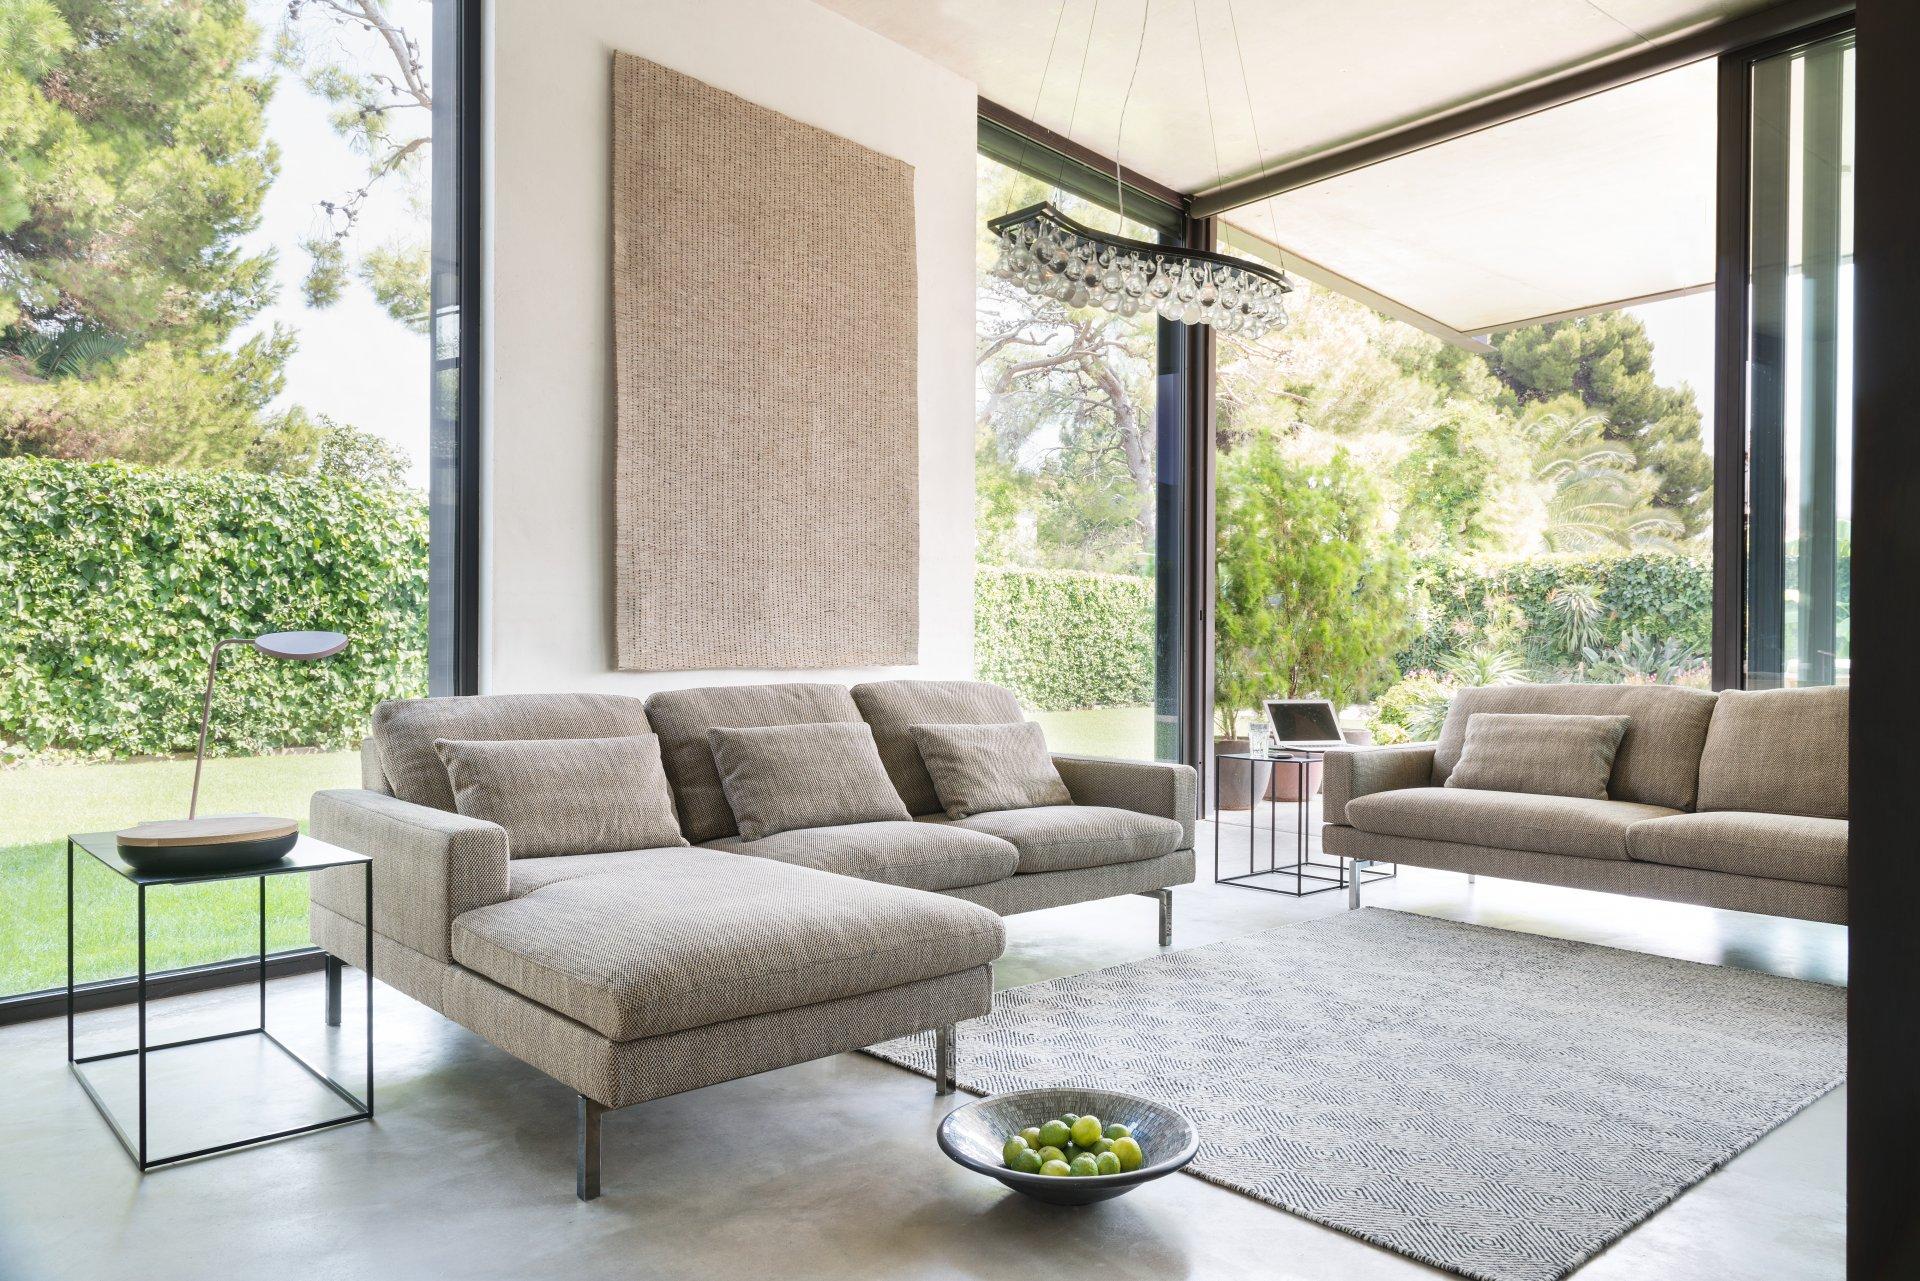 Leren Bank Jori.Tigra Open Base Sofa S Product Design Meubelen Jori